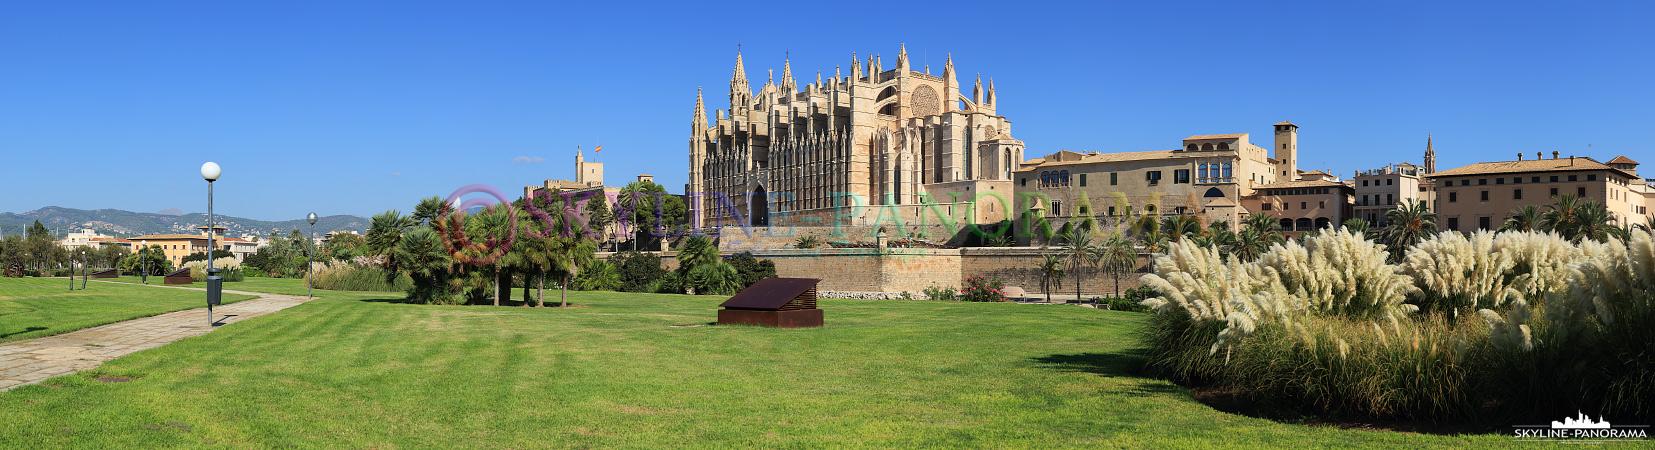 Panorama Bilder - Die Kathedrale von Palma, der Hauptstadt der Baleareninsel Mallorca.